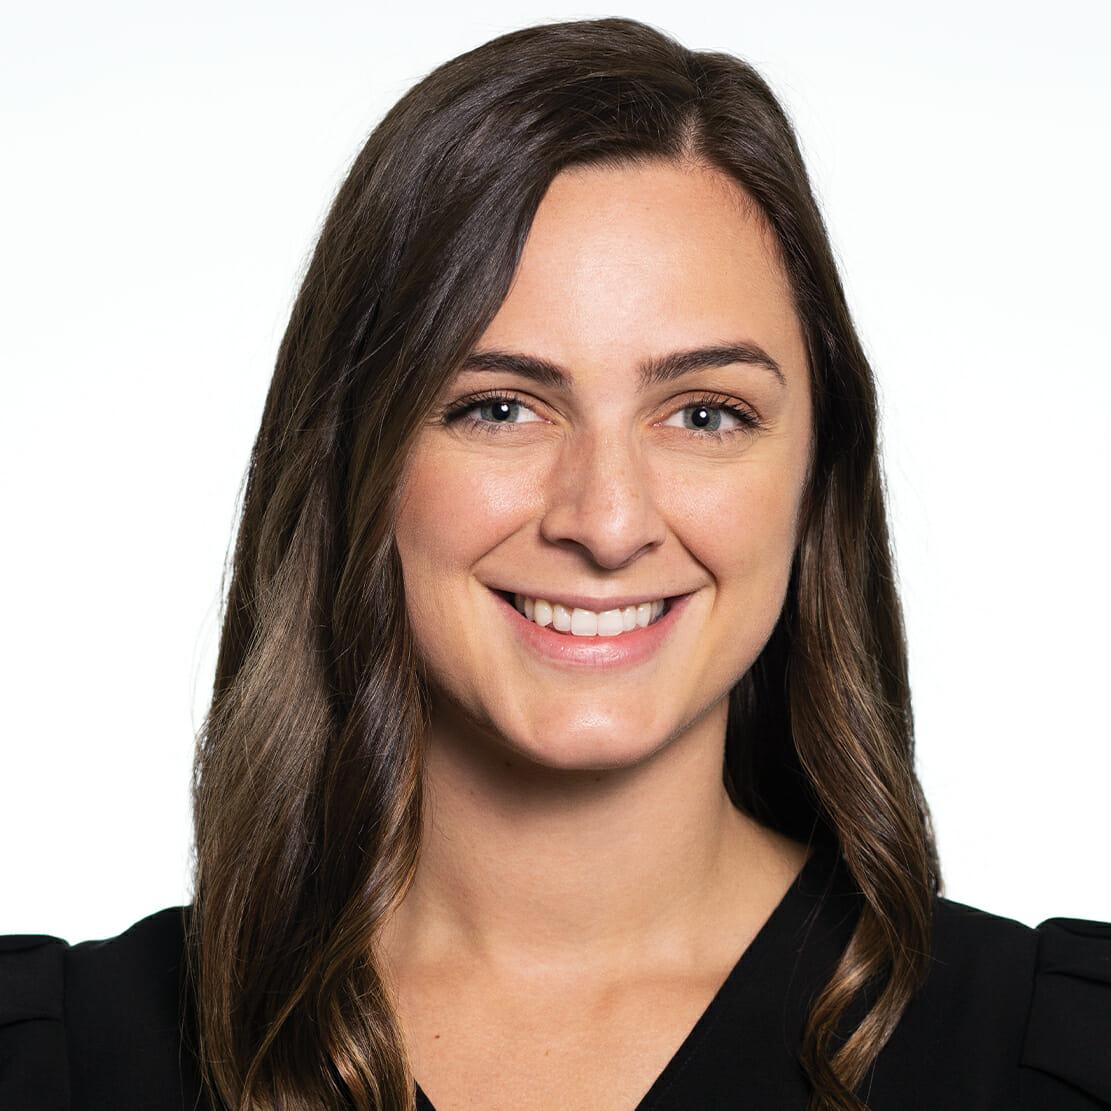 Amanda Lombardo